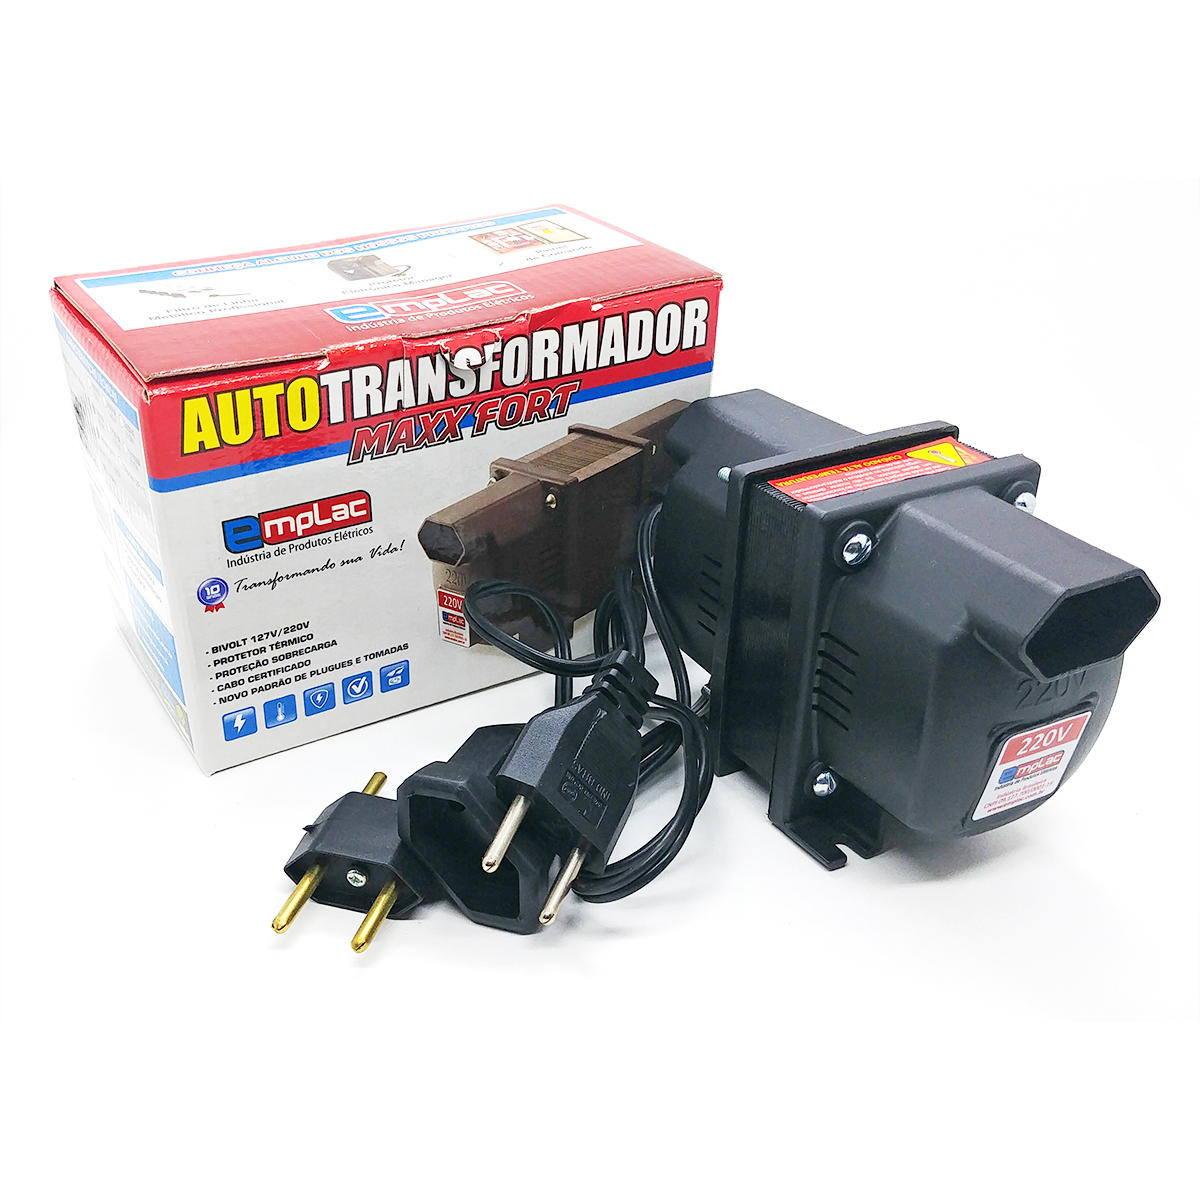 Auto transformador 200VA 140W Bivolt de Tomada 10A Emplac Maxx Fort F30003